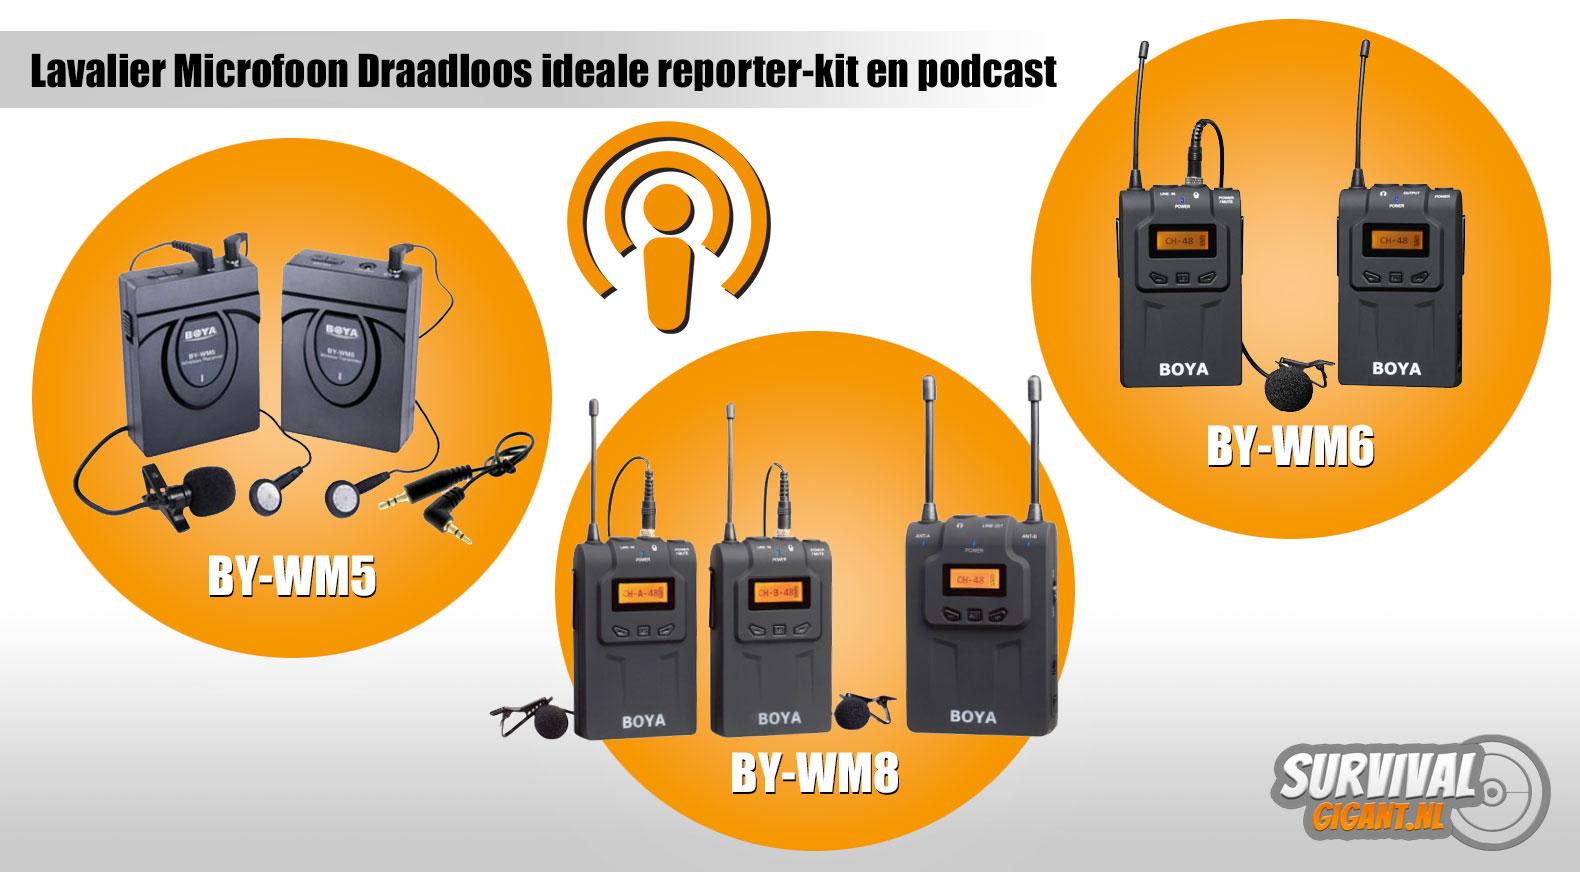 Lavalier Microfoon Draadloos ideale reporter-kit en podcast microfoon